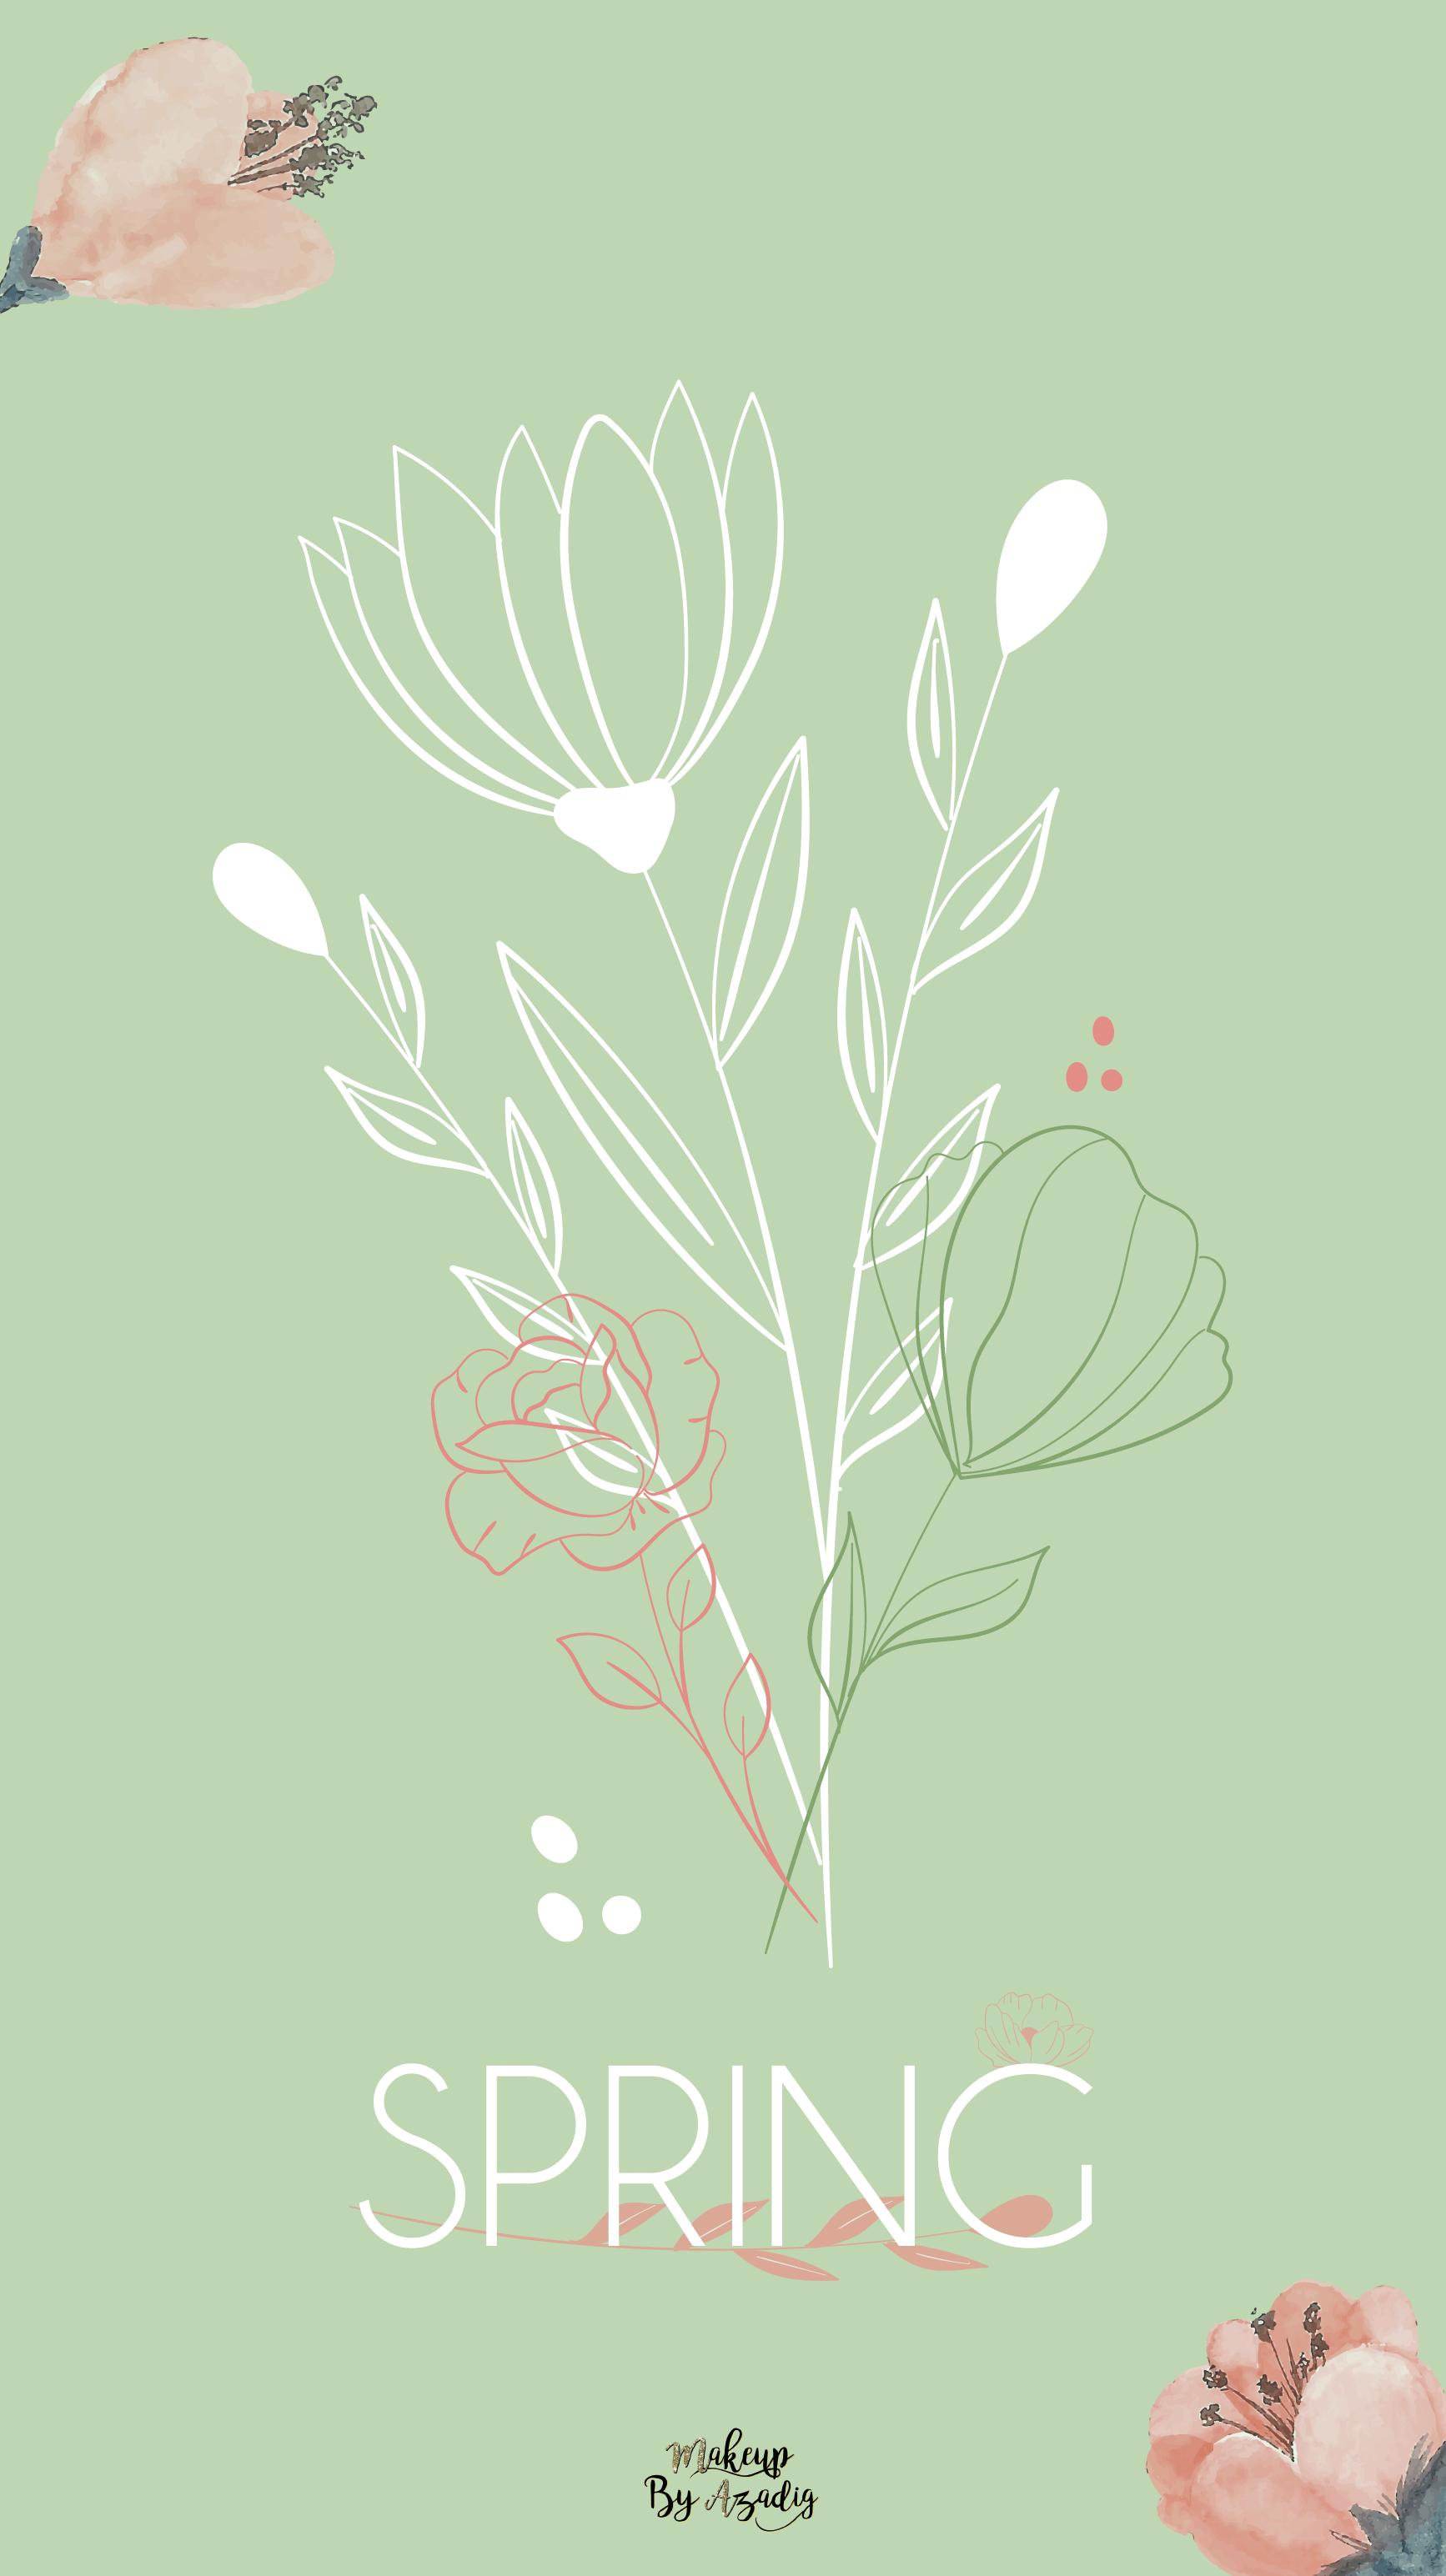 fond-decran-printemps-fleurs-bouquet-spring-girly-samsung-iphone-6-7-8-makeupbyazadig-tendance